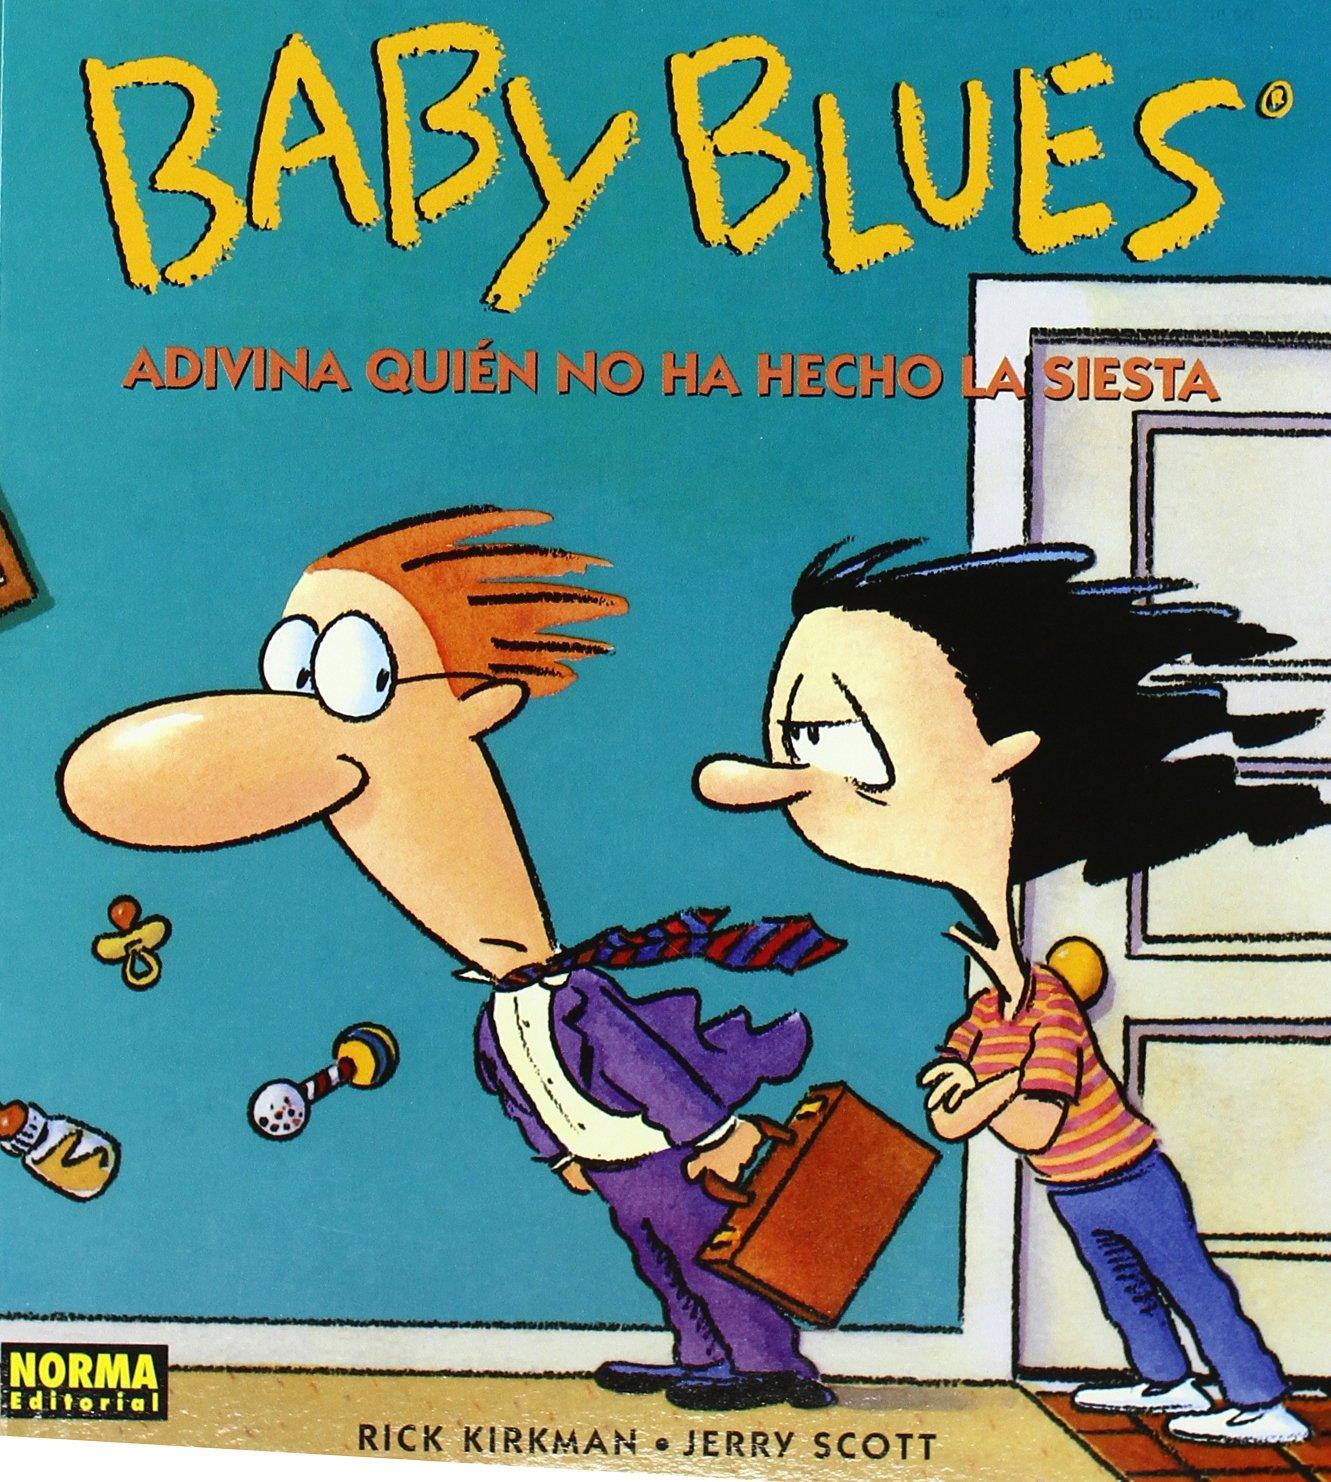 Baby Blues 1, Adivina quién no ha hecho la siesta (HUMOR)